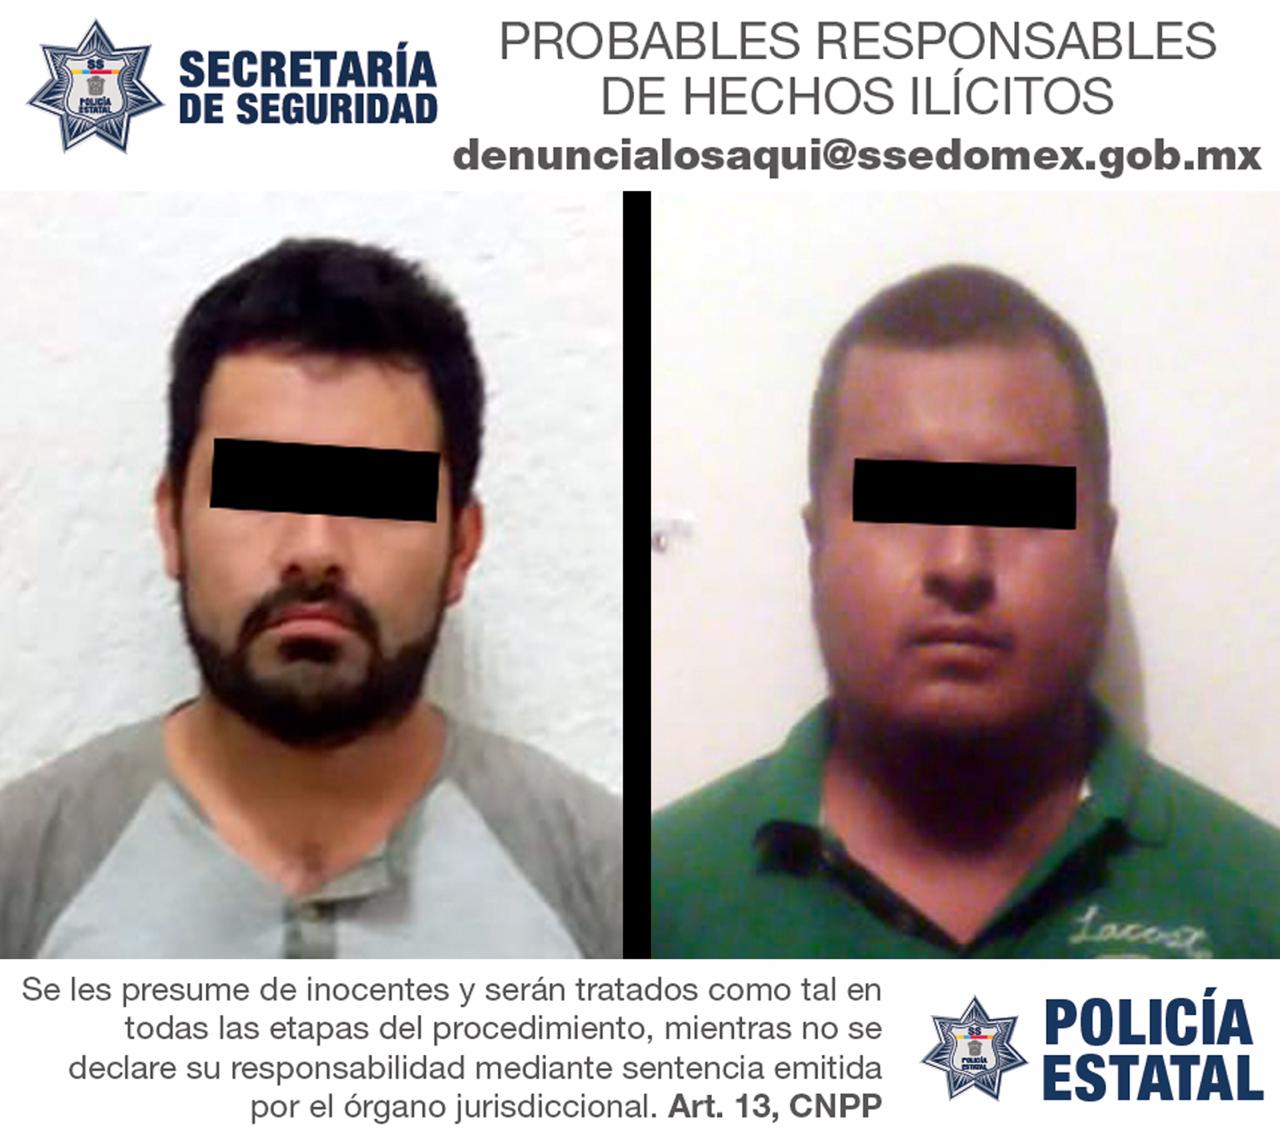 CAEN SUJETOS TRAS ROBO CON VIOLENCIA A TRANSEÚNTE EN VILLA GUERRERO